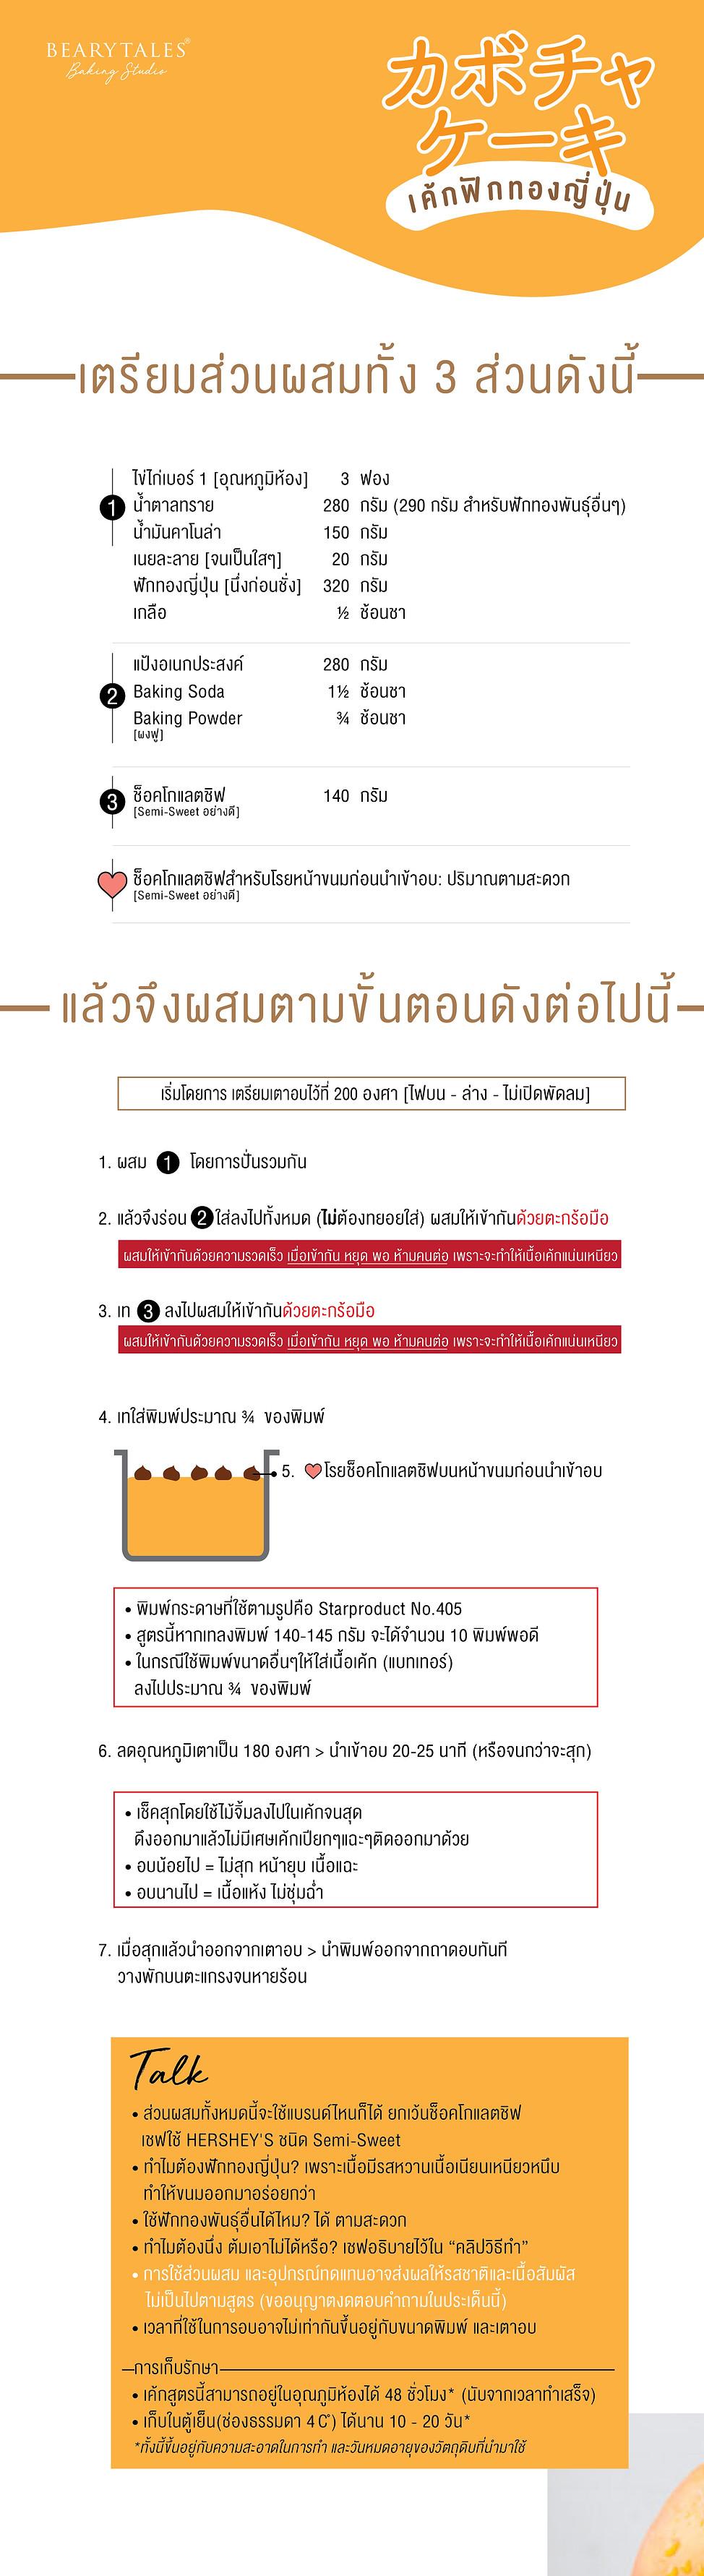 web-05.jpg